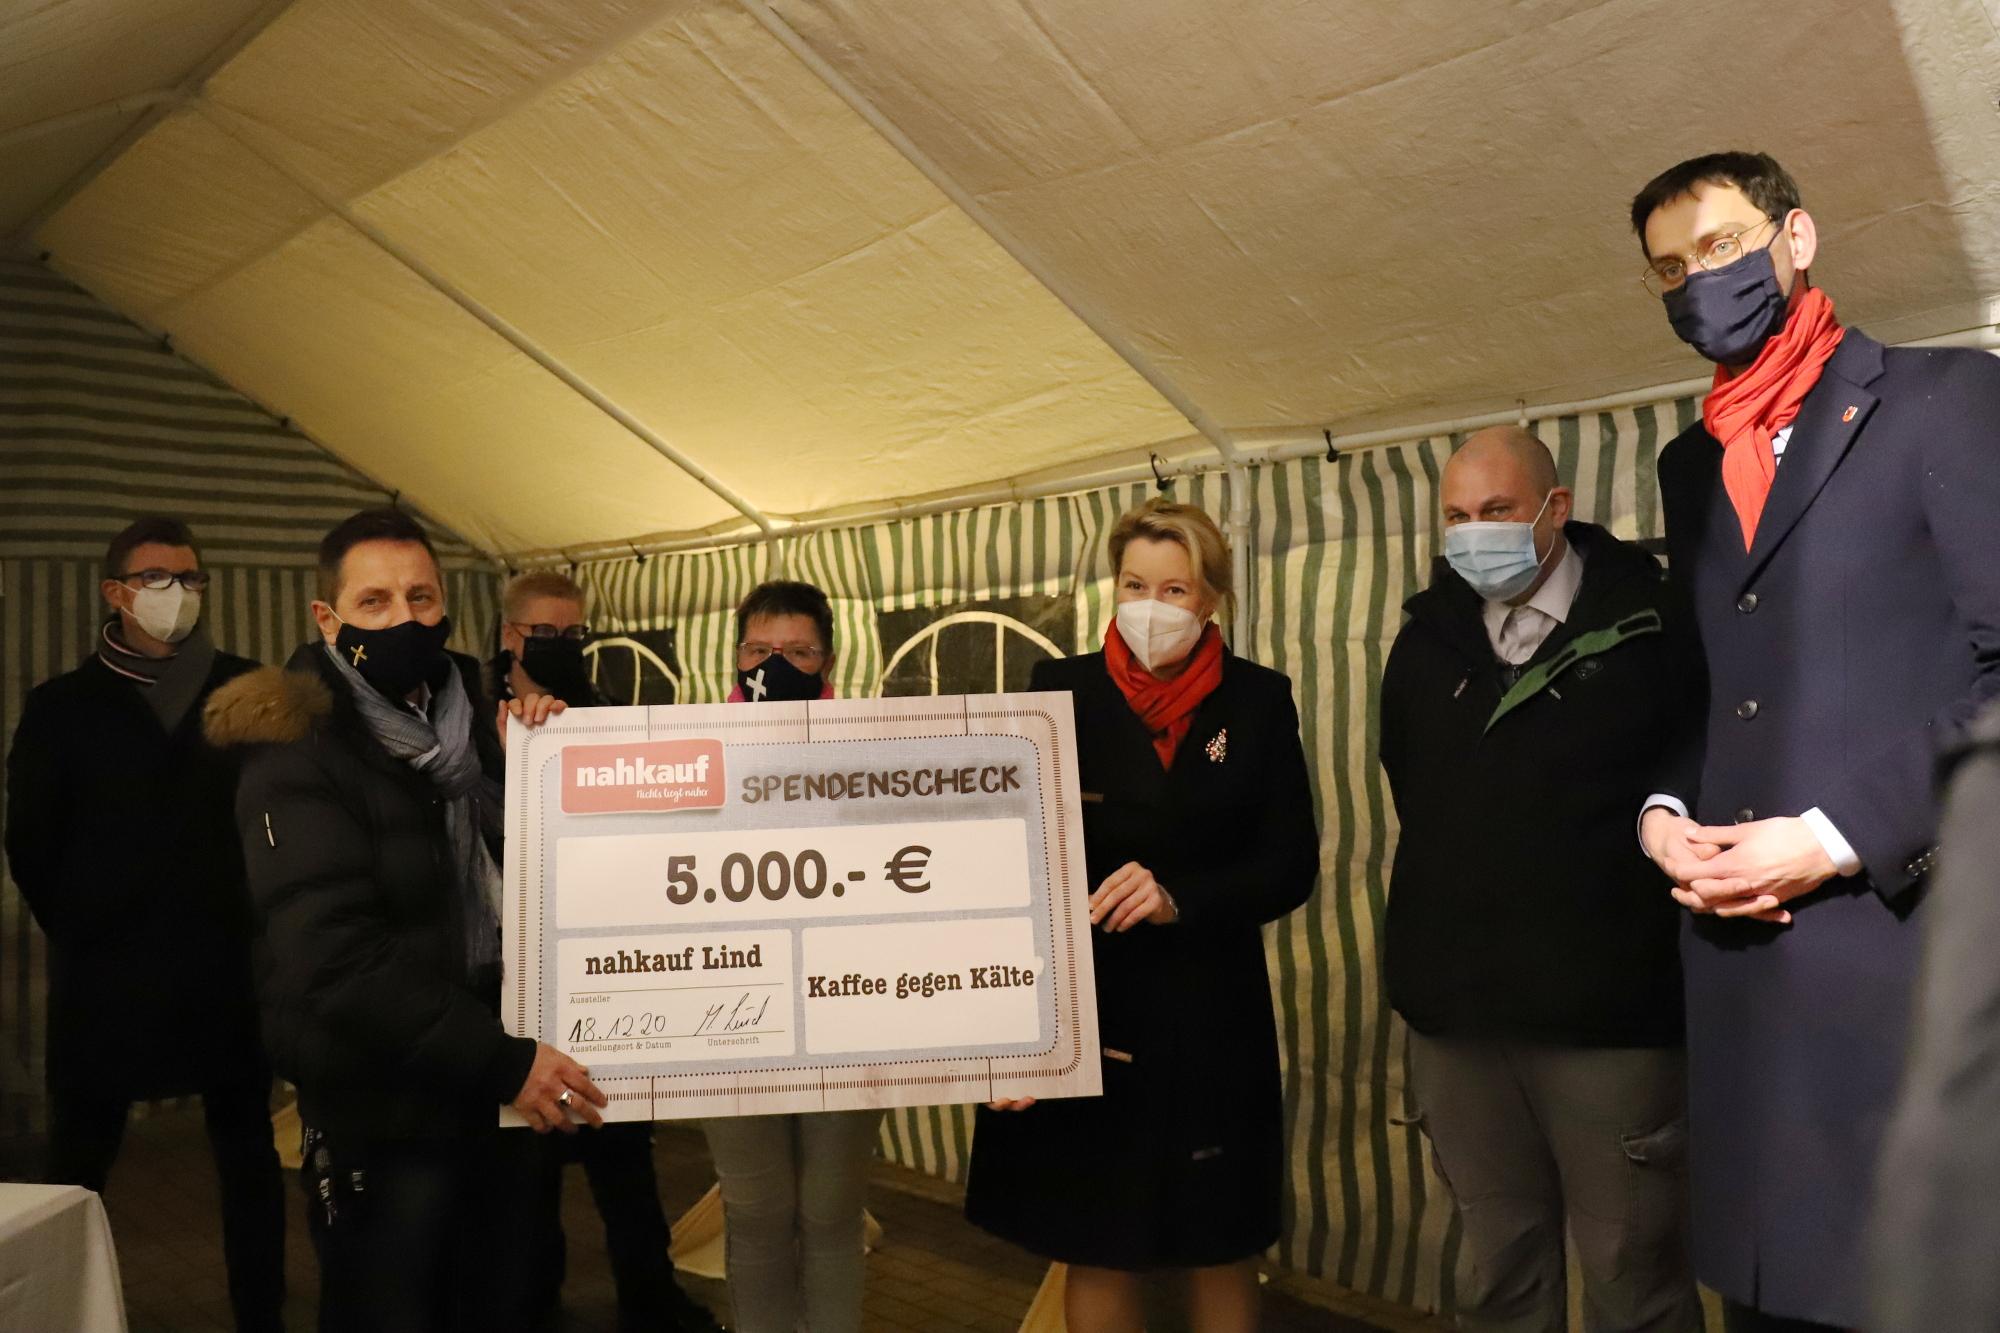 Mitarbeitende des Diakoniewerks Simeon mit Martin Hikel und Franziska Giffey bei der Spendenübergabe